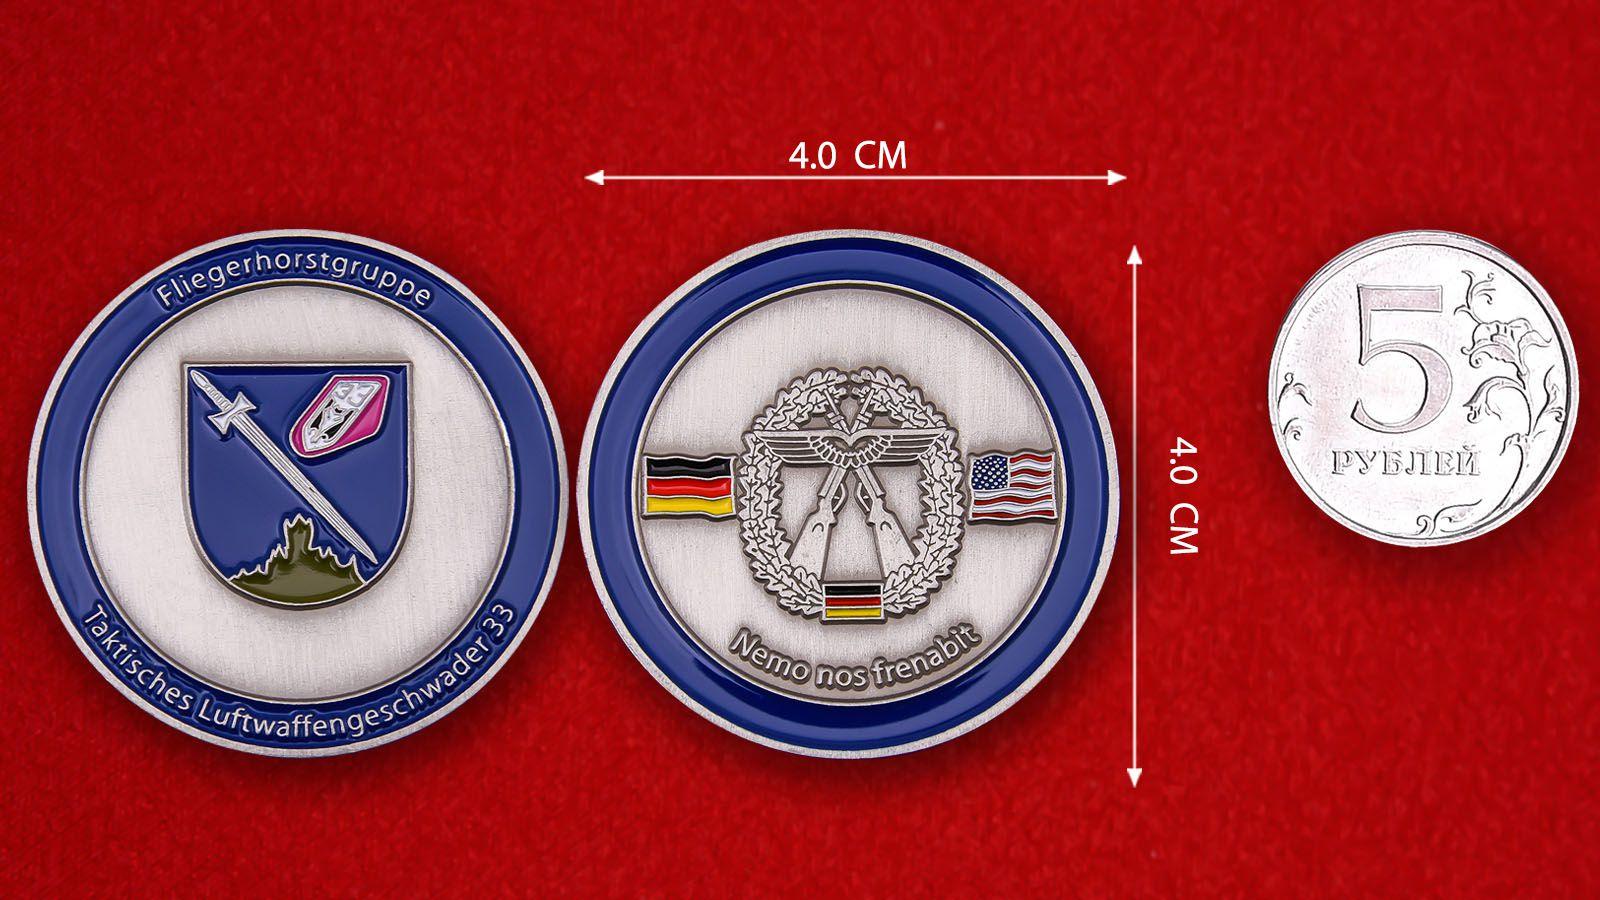 """Herausforderungs-Münze """"Taktisches Luftwaffengeschwader 33"""" -  Vergleichsgröße"""